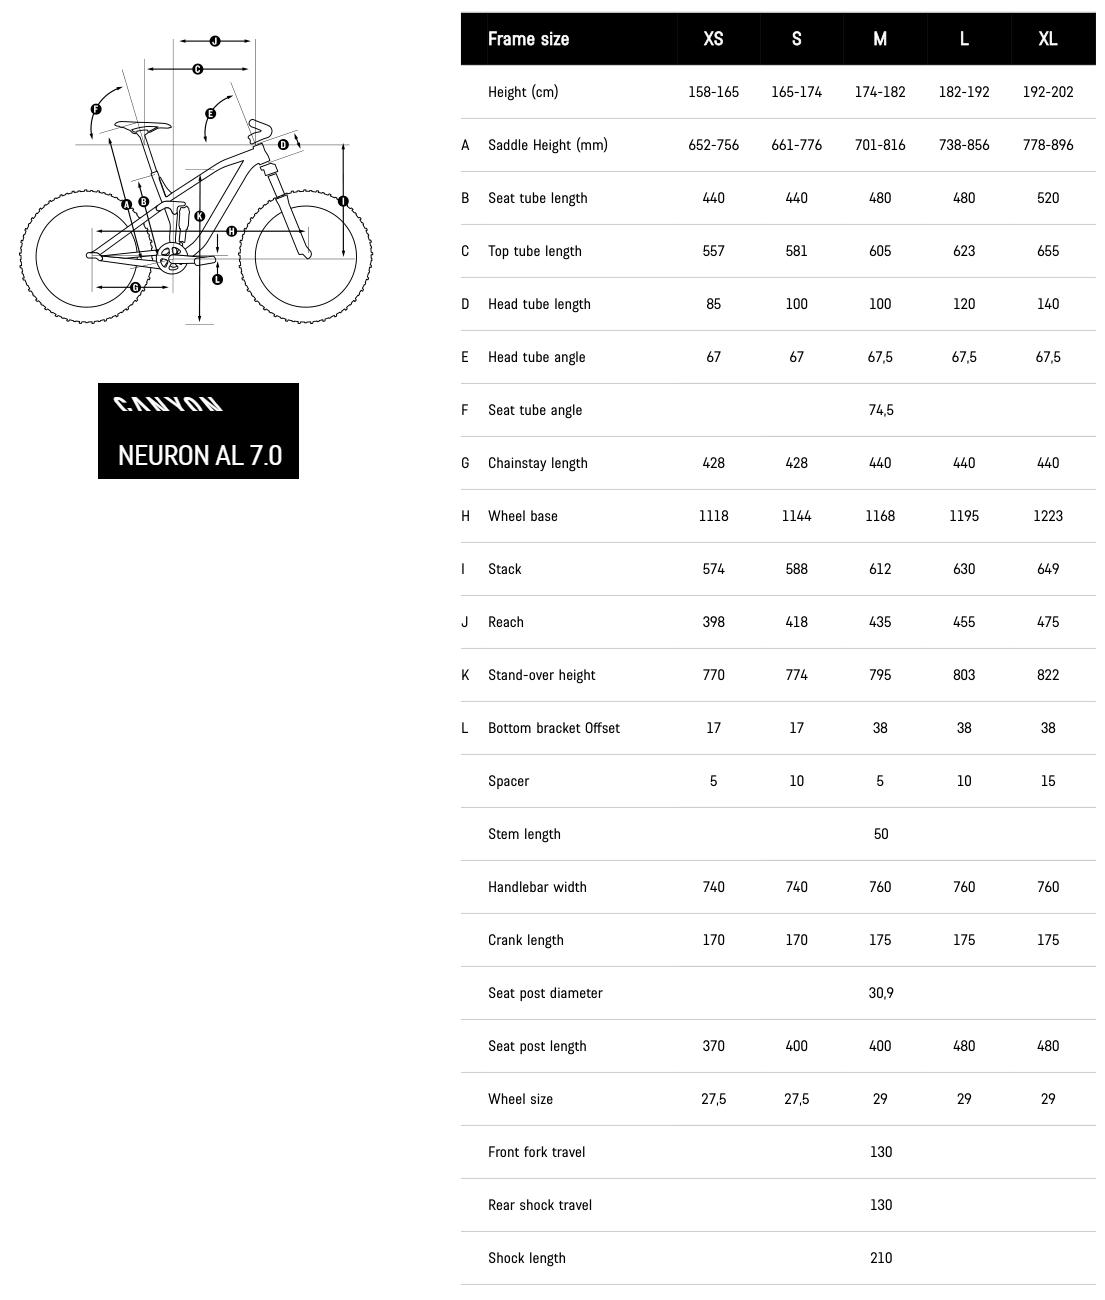 7619_canyon_neuron_al_7-0_trail_bike_201